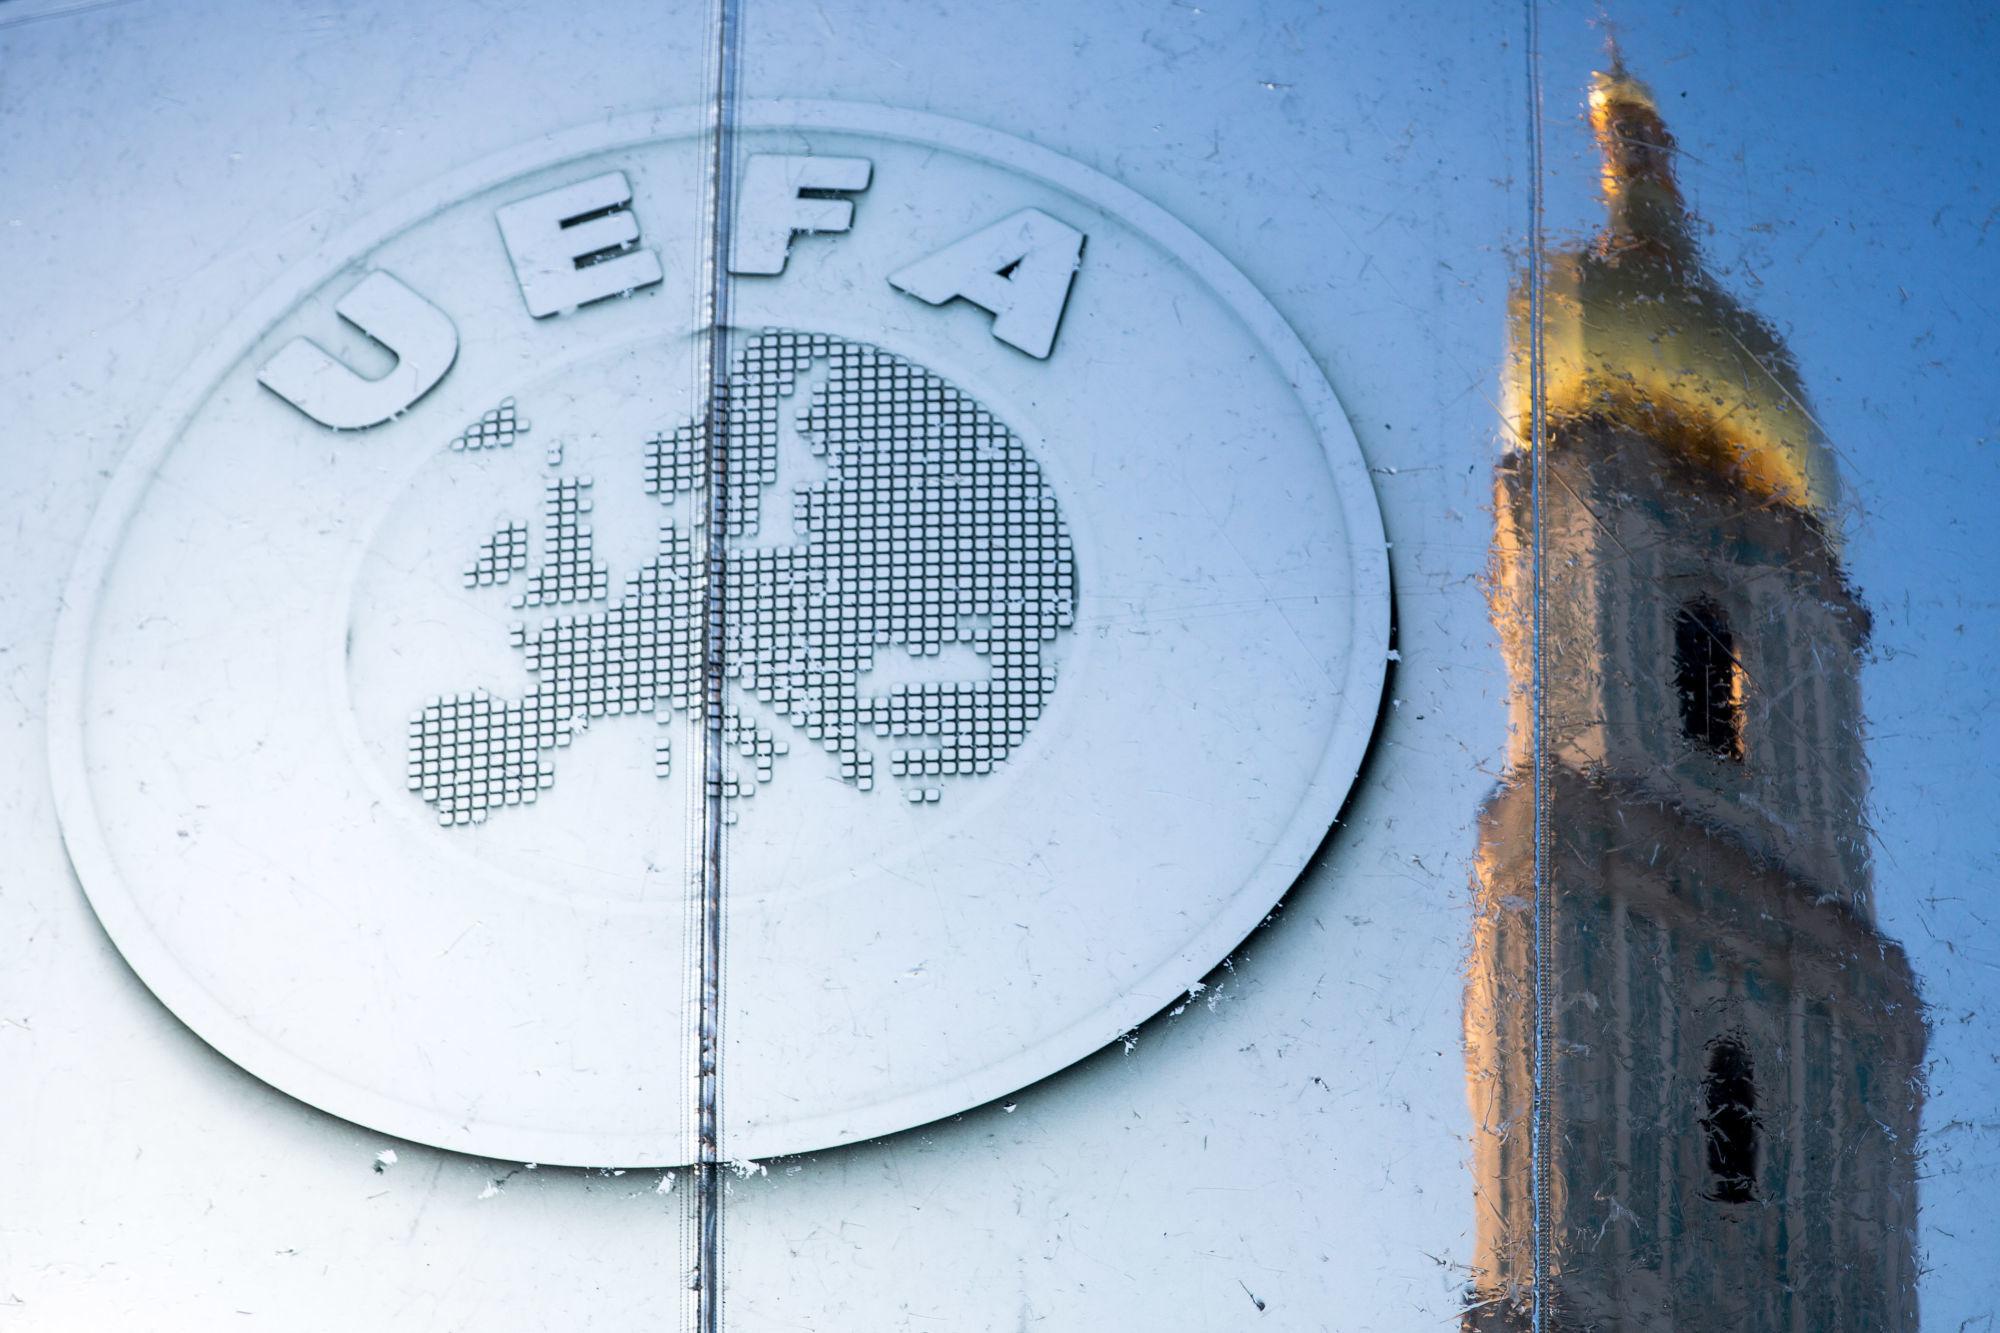 L1 - La grosse menace de l'UEFA en cas d'arrêt du championnat